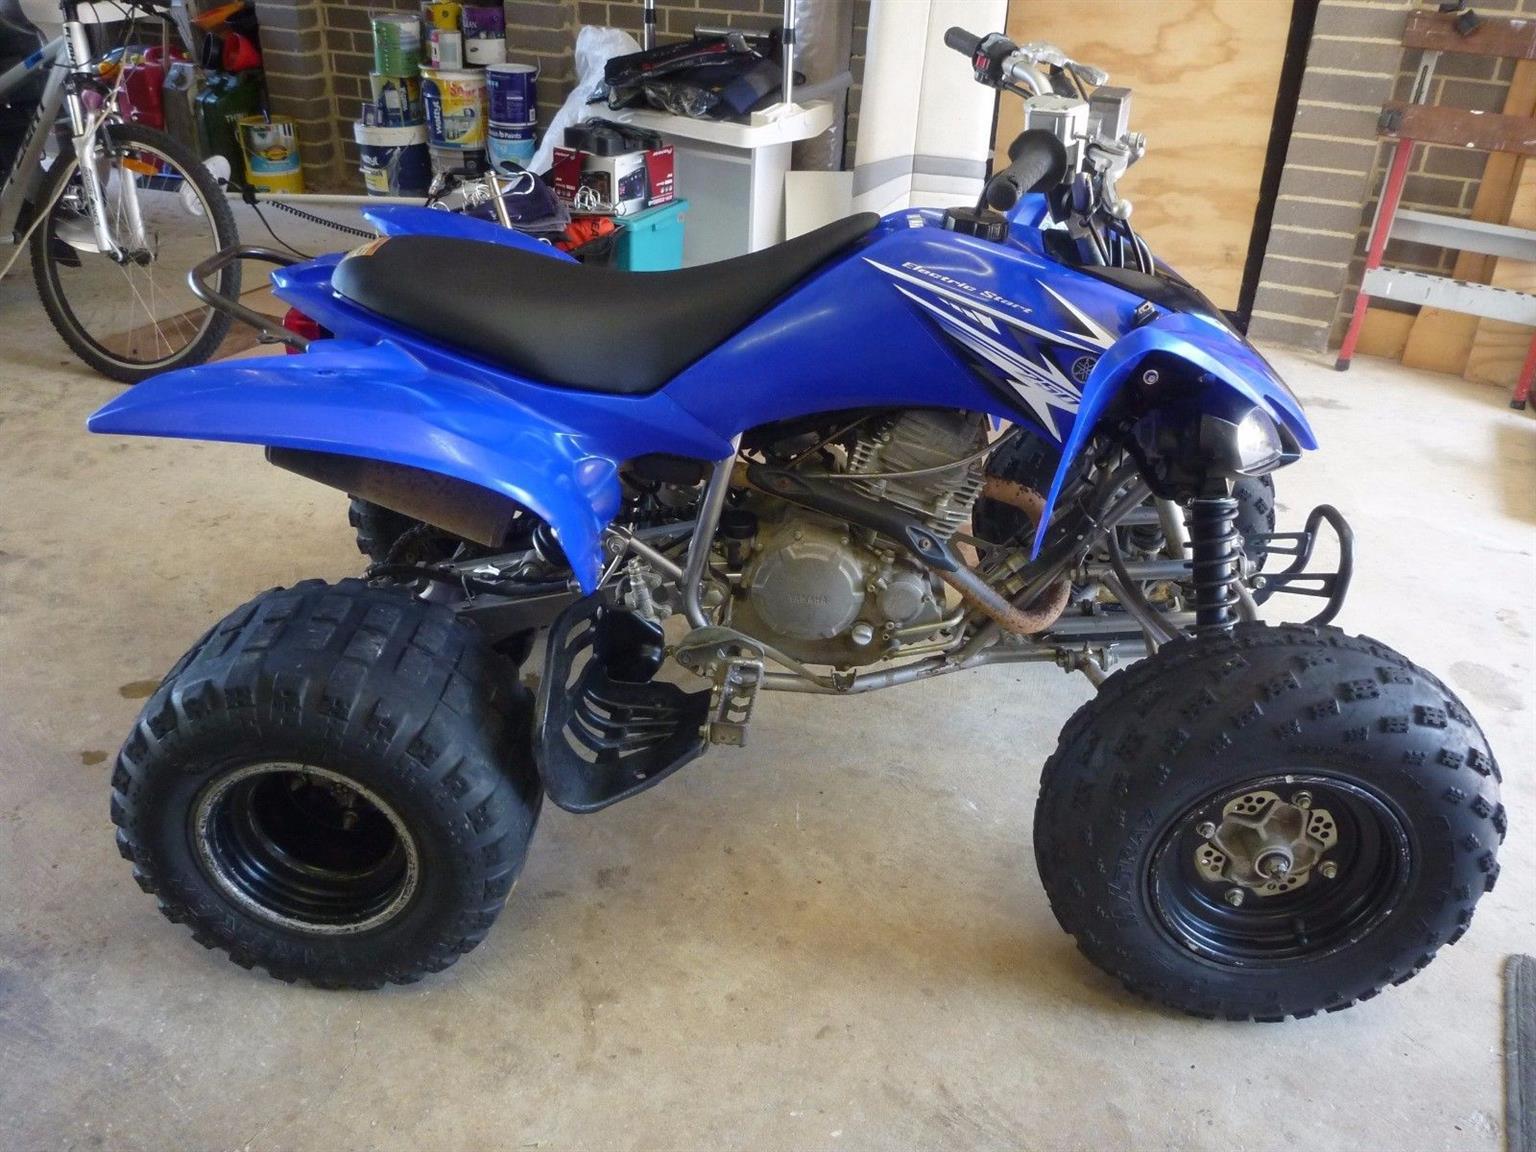 2010 Yamaha Raptor